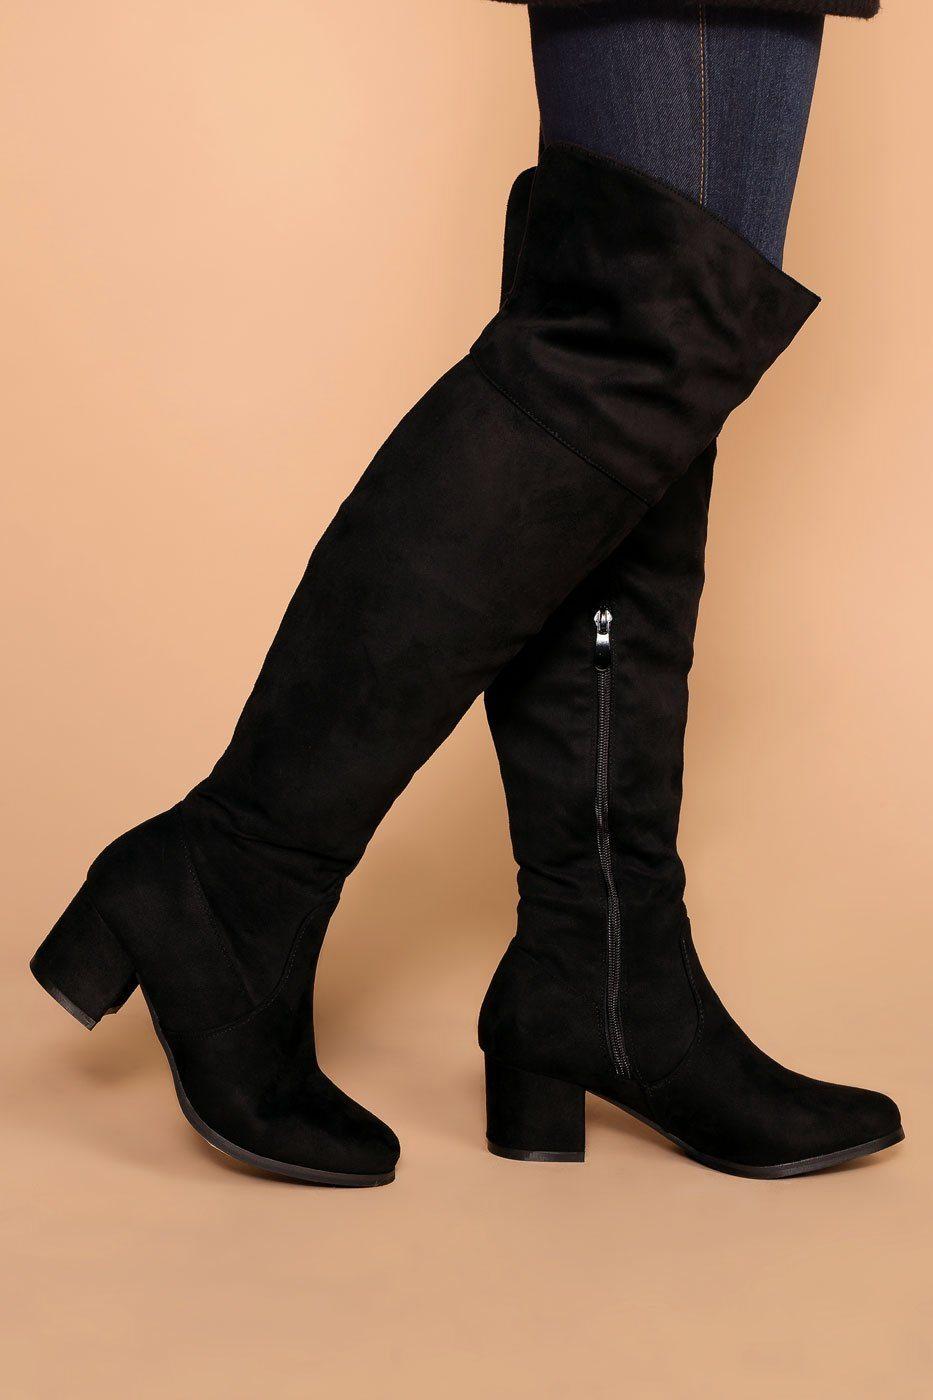 Dublin Black Block Heel Over The Knee Boots Boots Knee Boots Kitten Heel Shoes